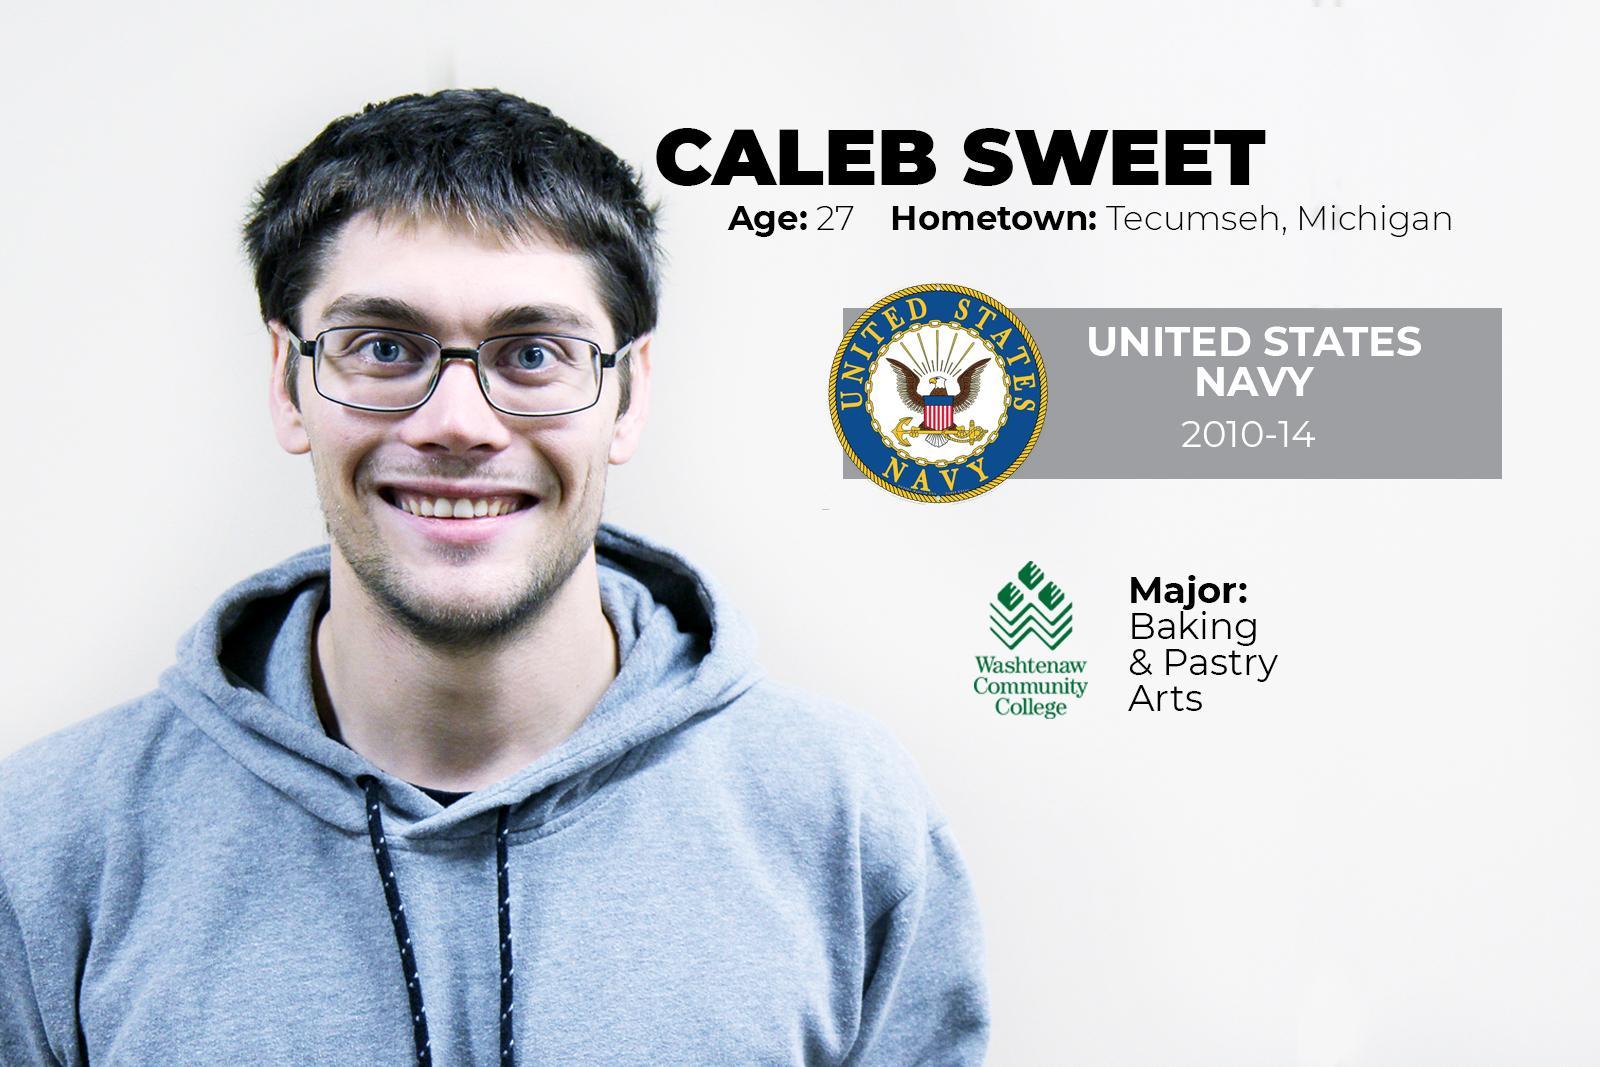 Caleb Sweet